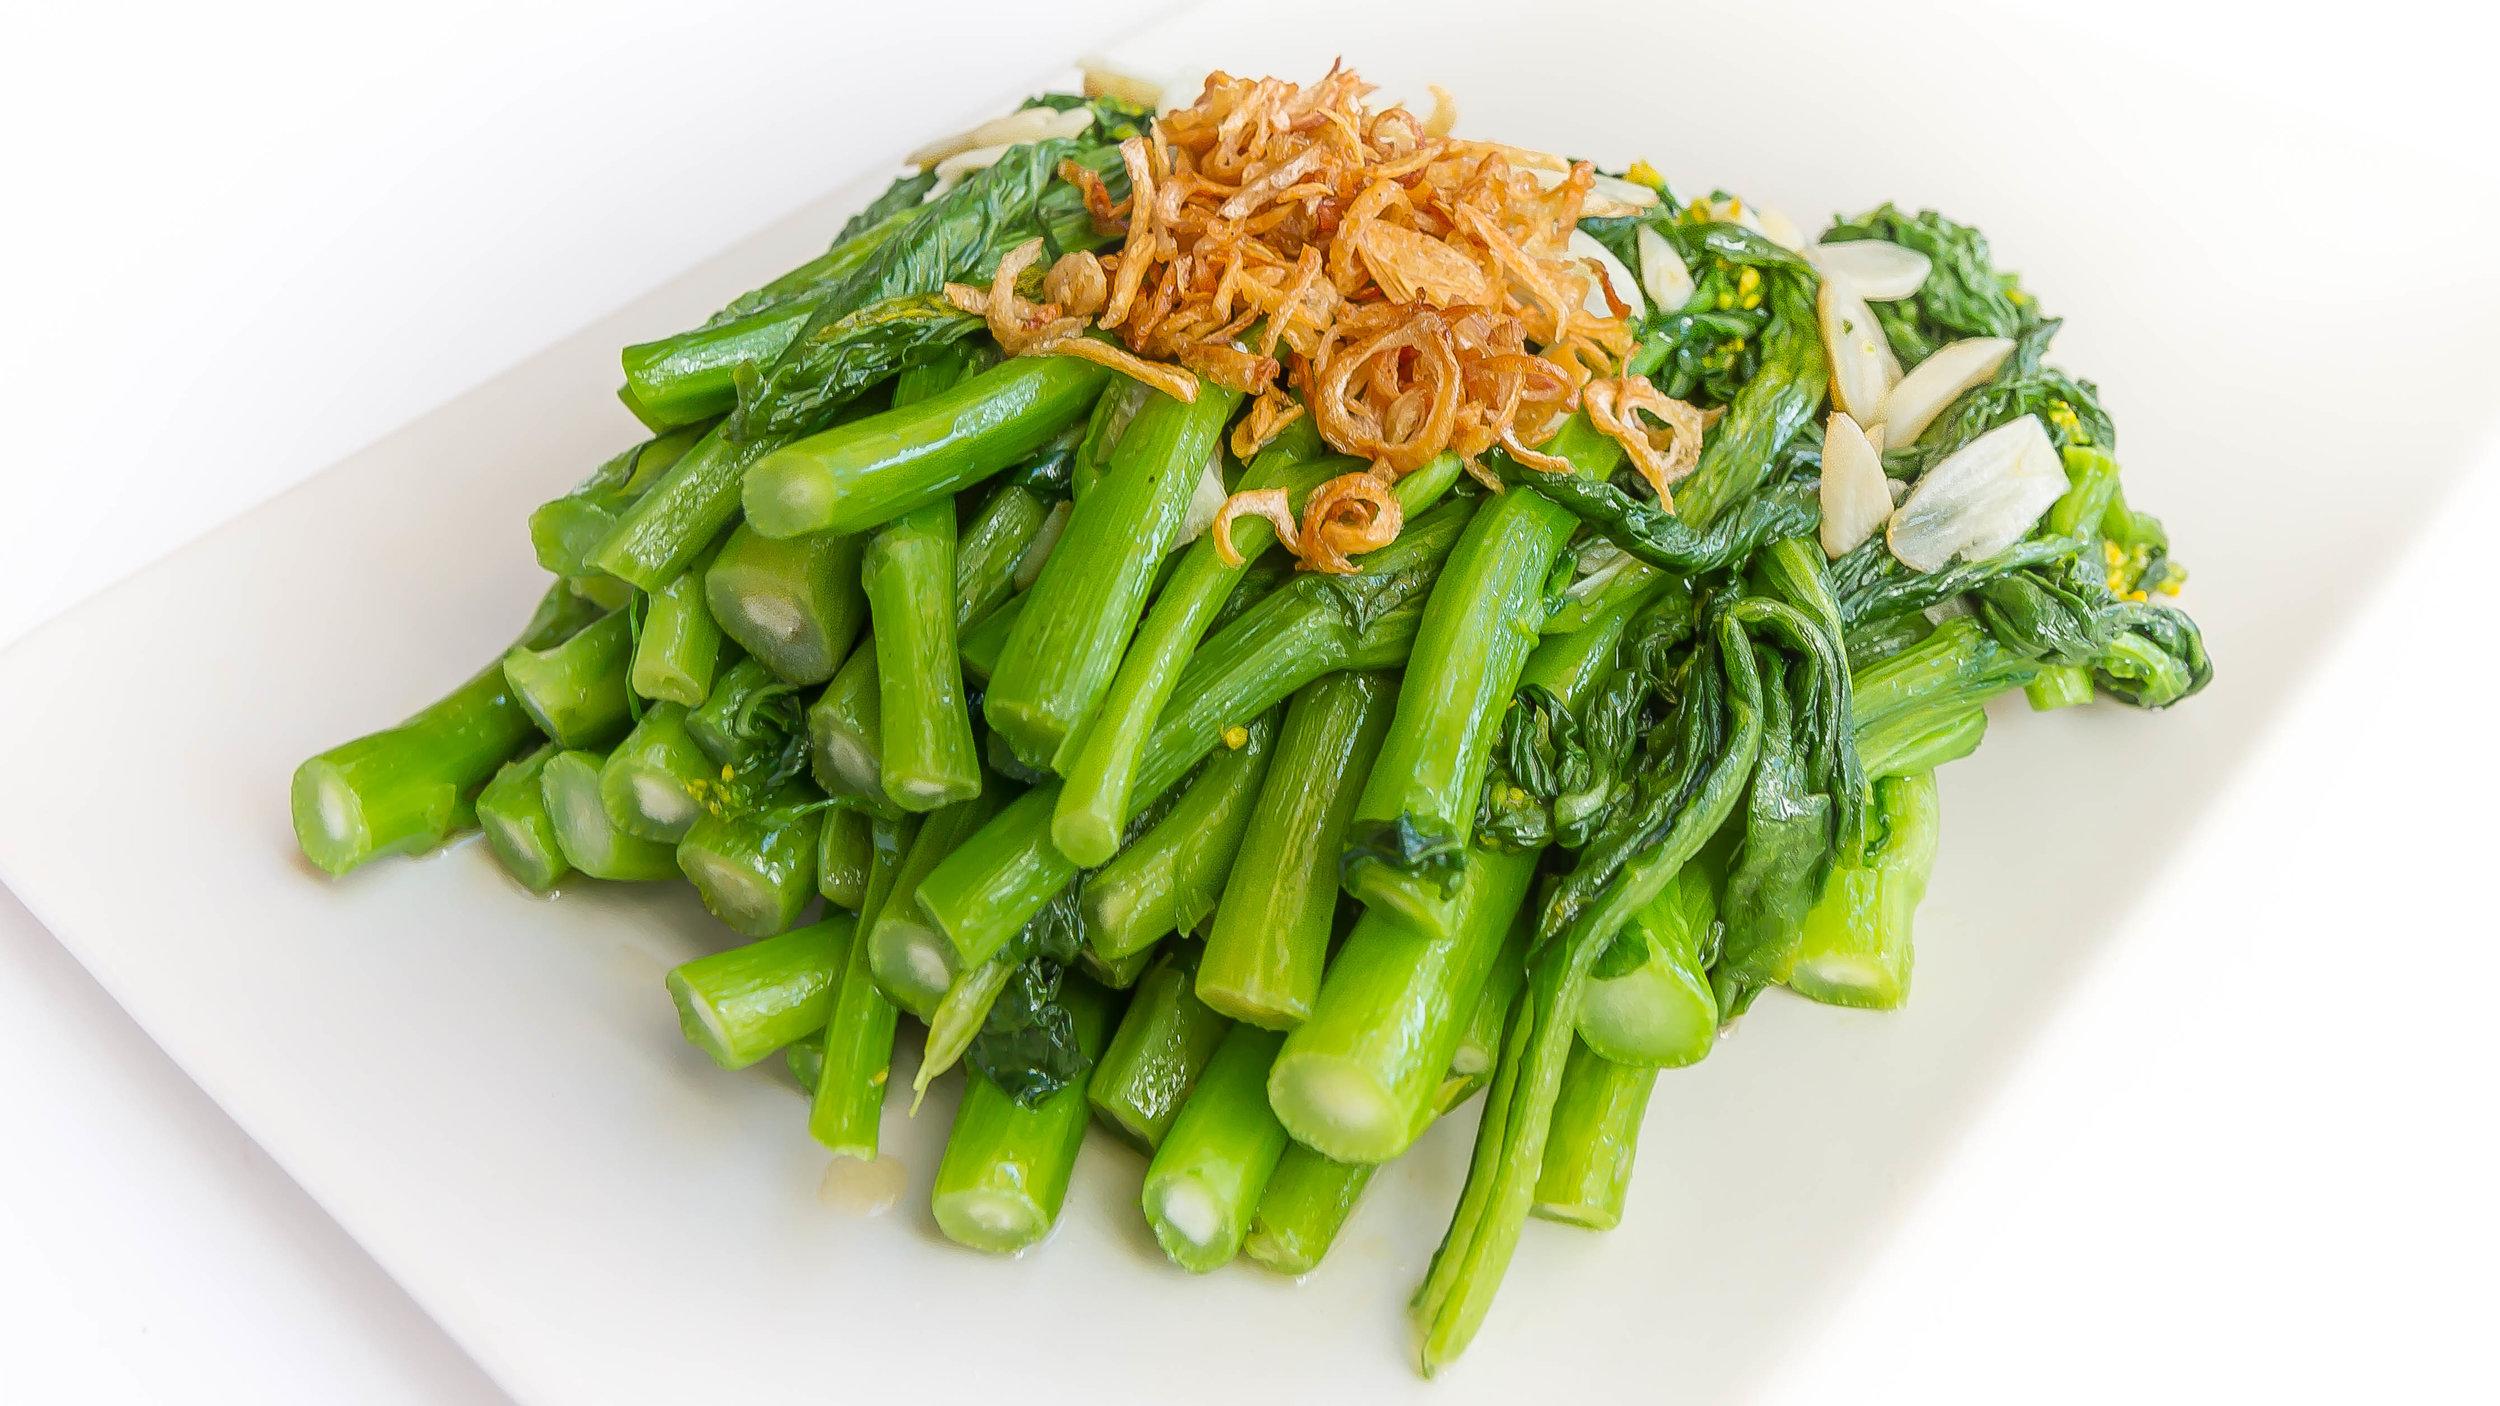 Simple Choy Sum and Garlic Stir-Fry